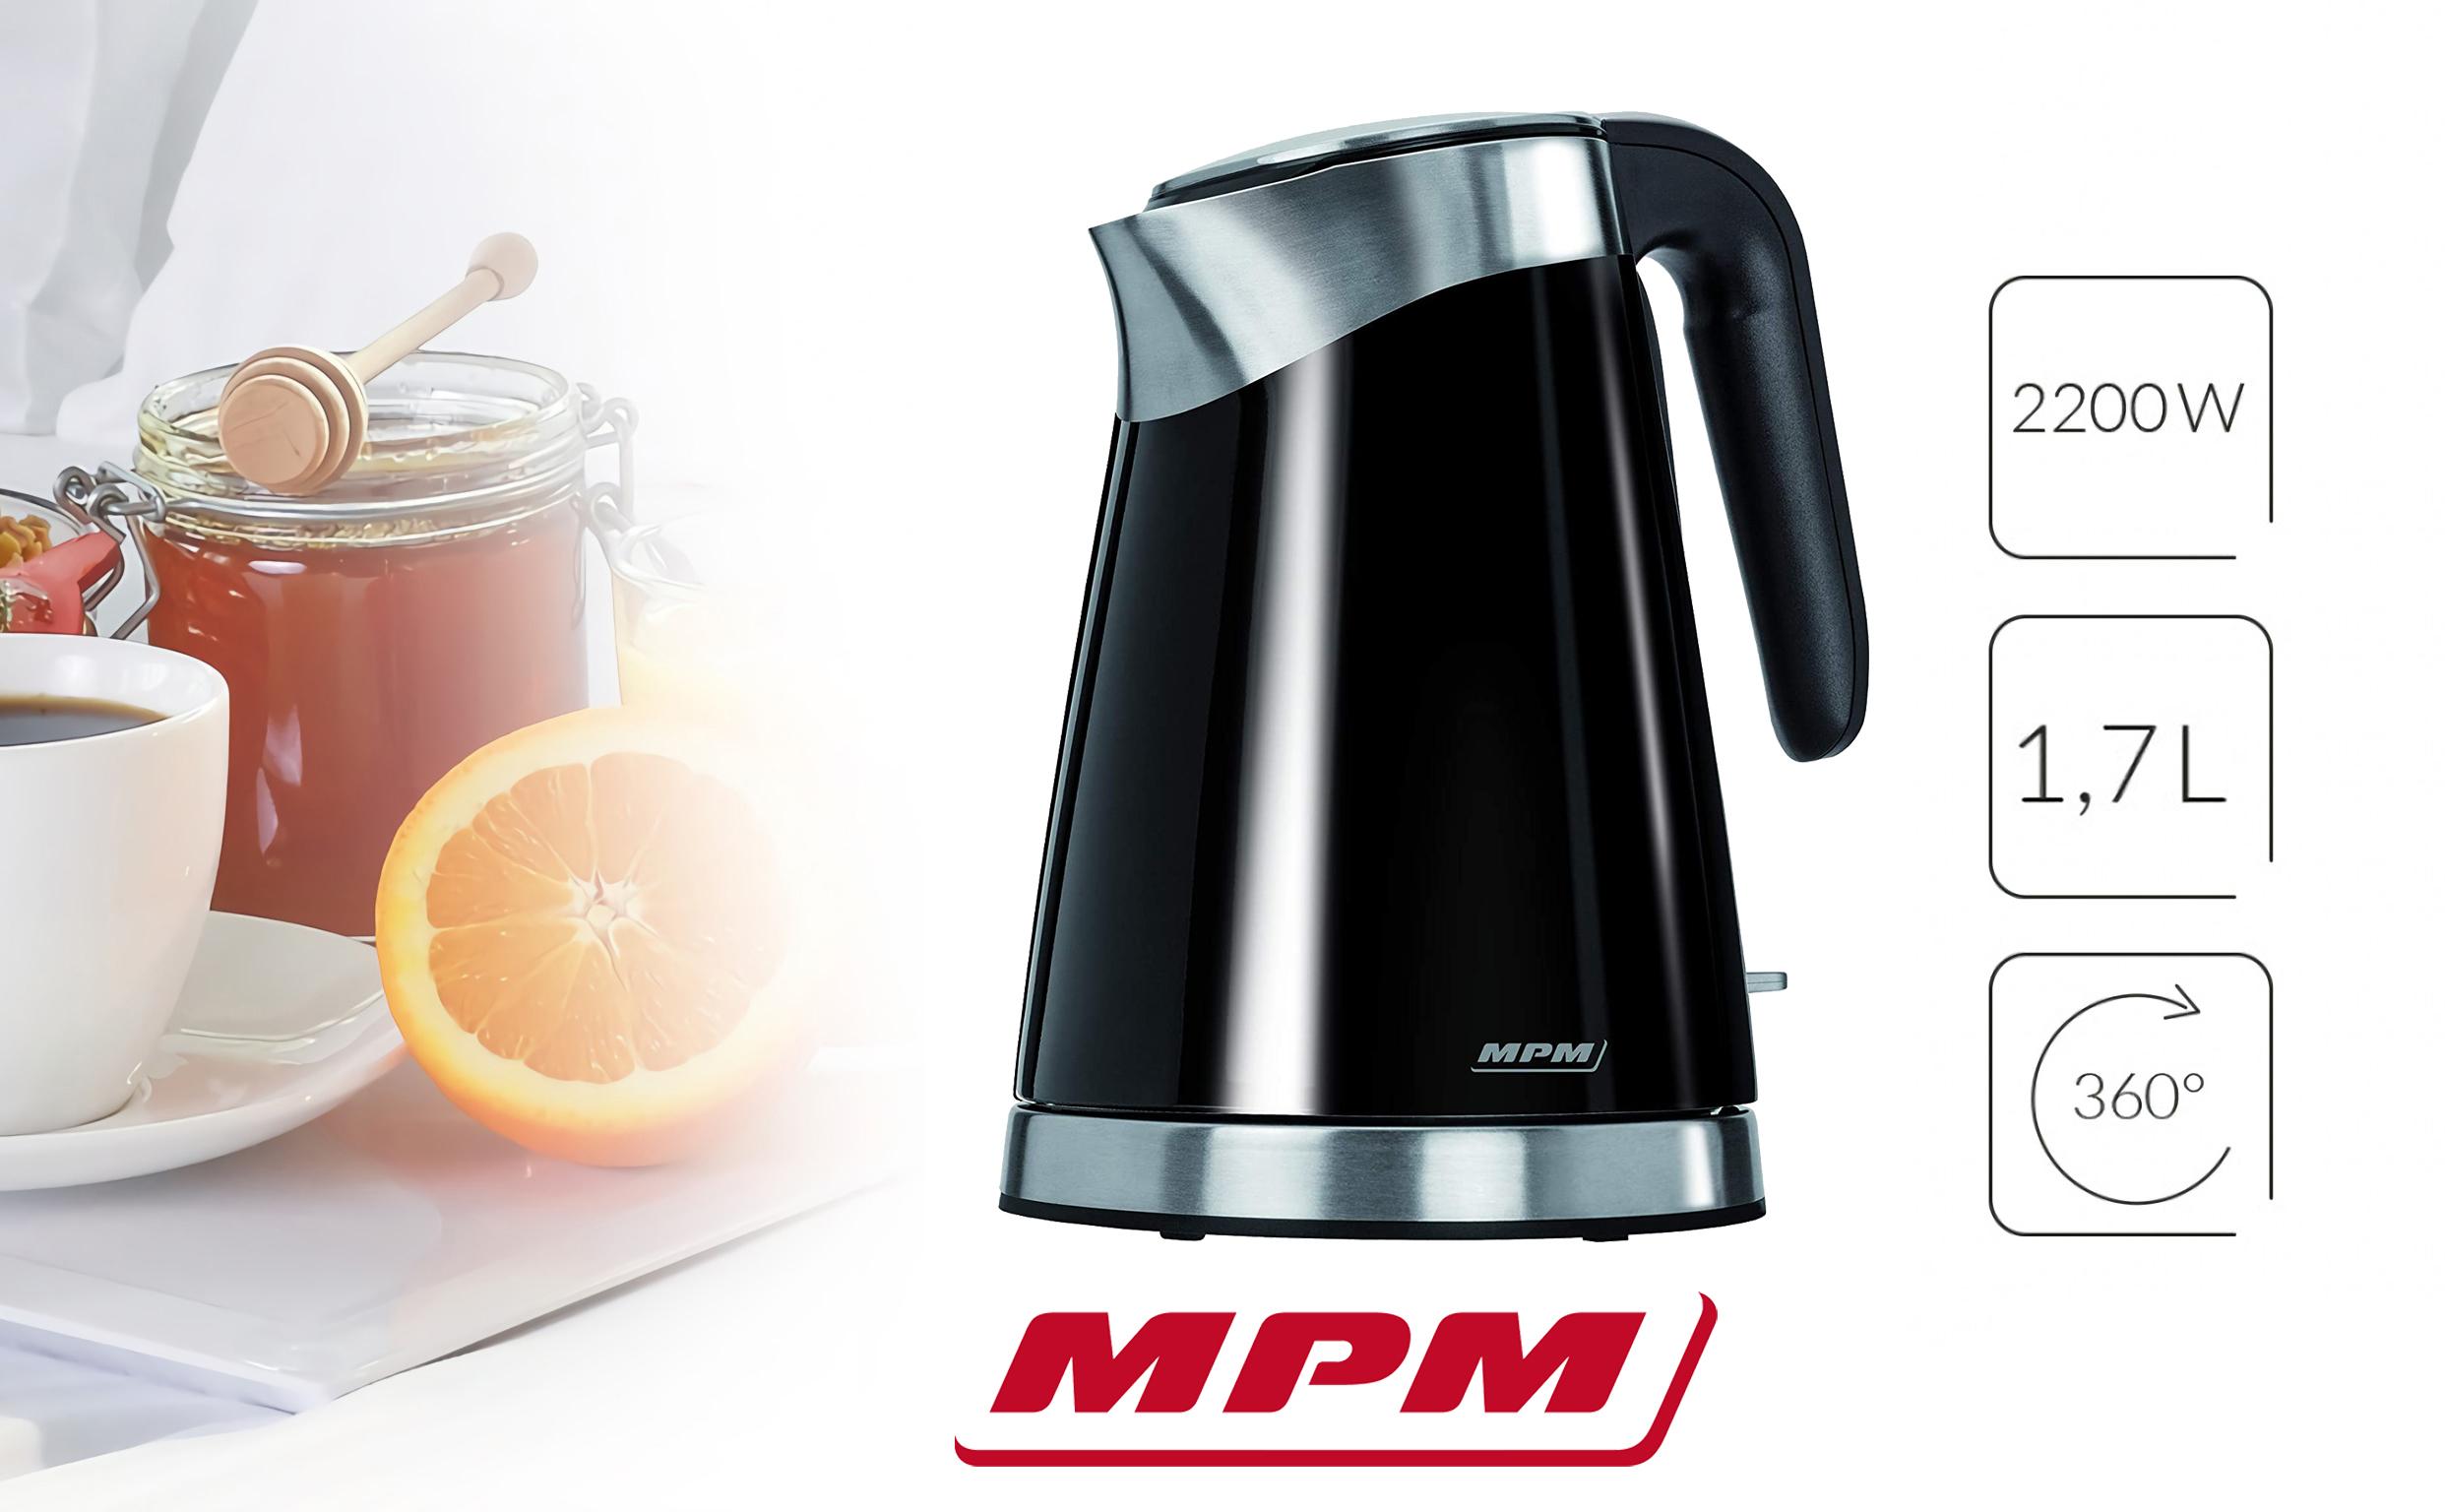 MPM MCZ-56 Hervidor de Agua Eléctrico Inalámbrico de Acero Inoxidable, 1,7 Litros, 2200W, Libre de BPA